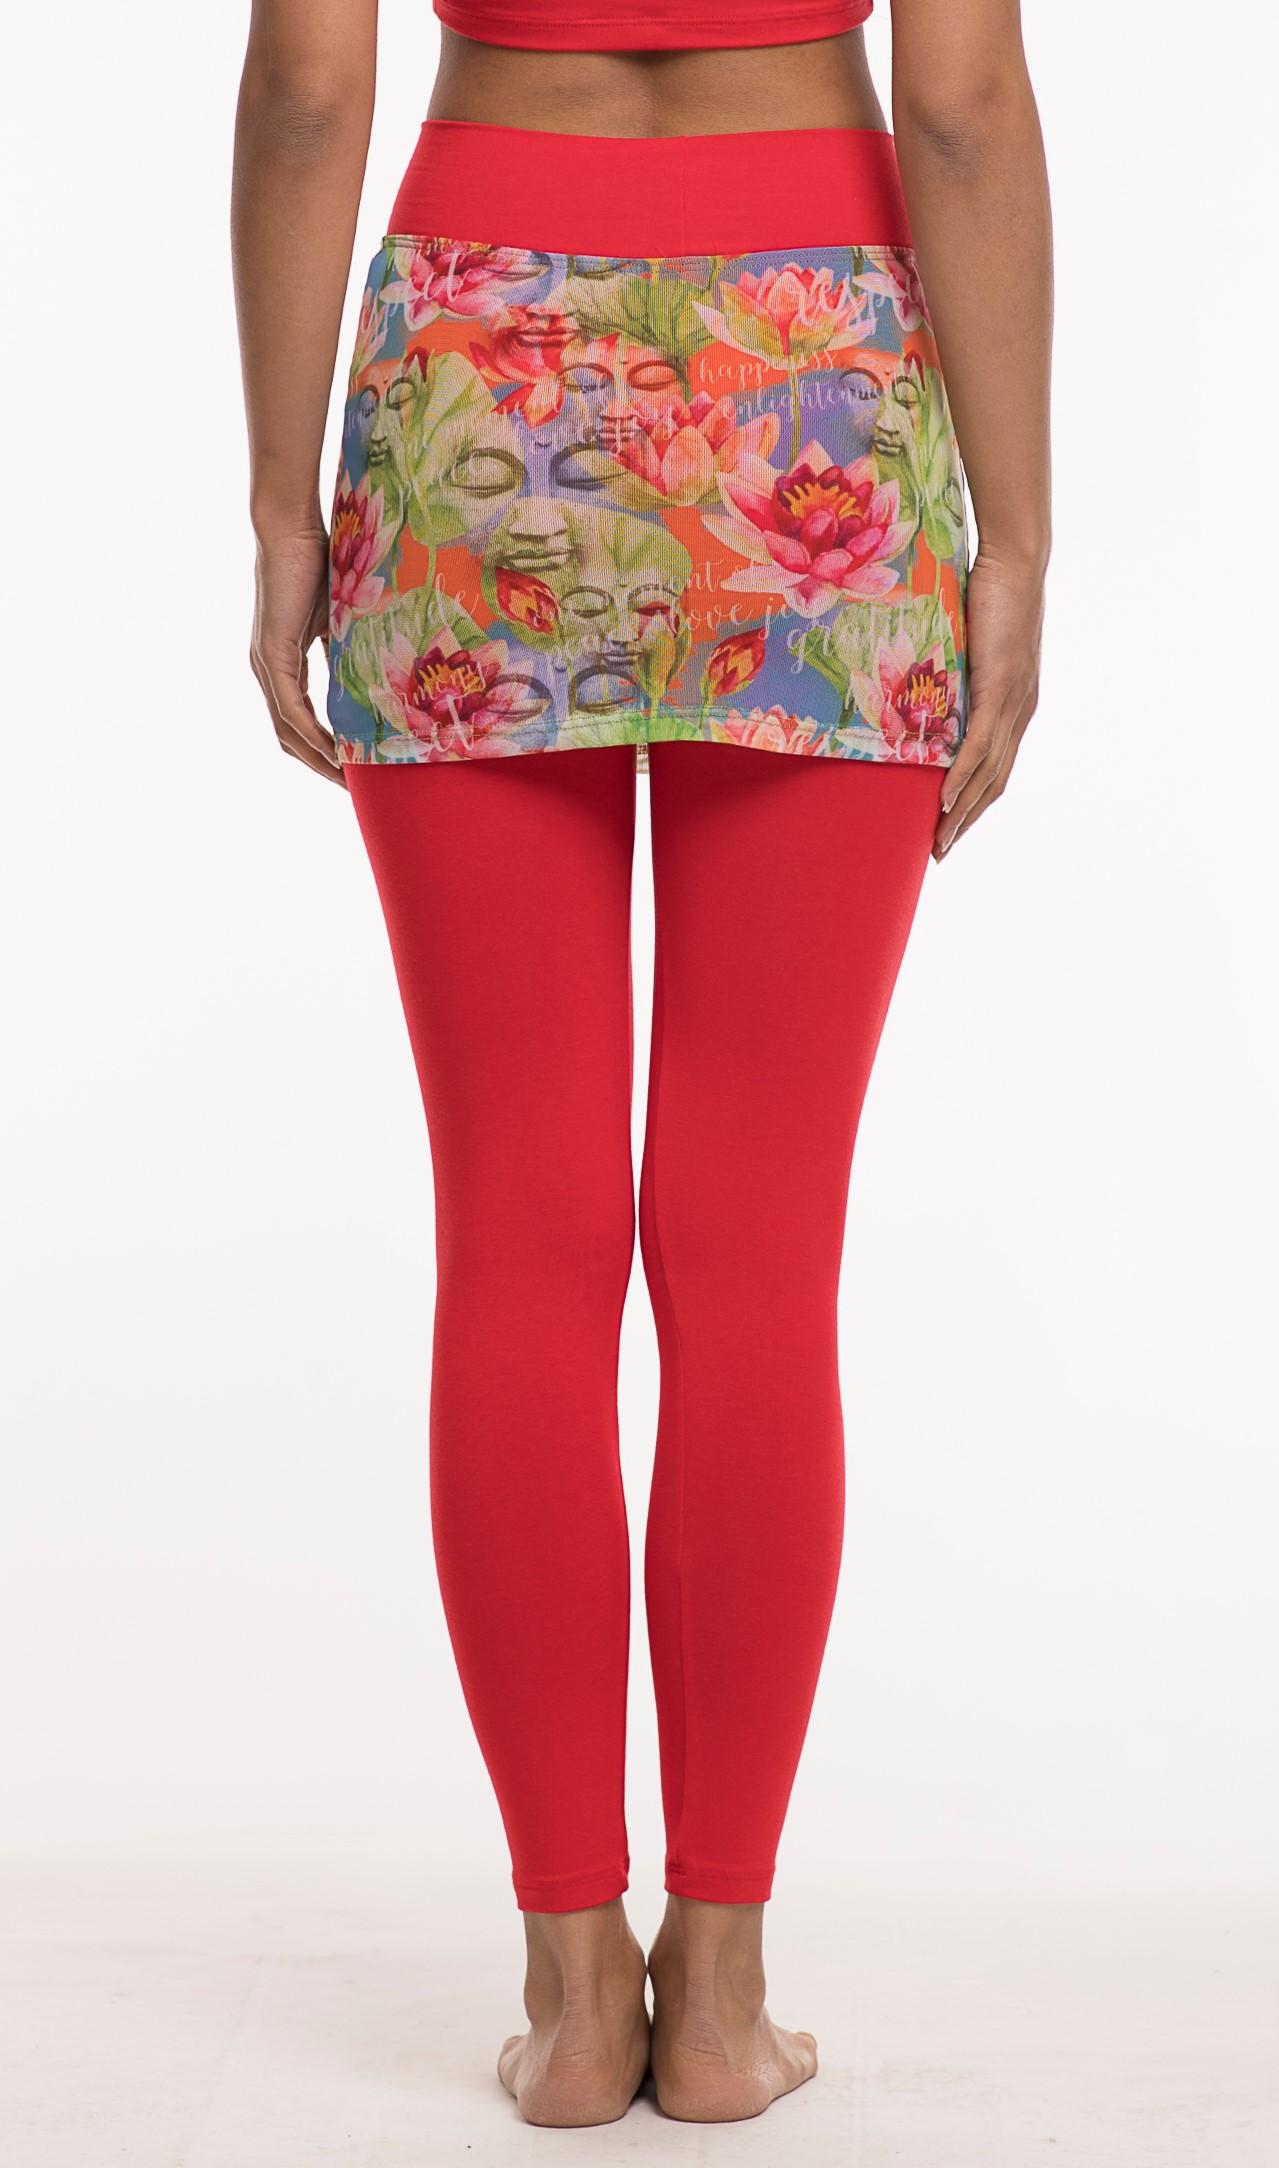 Pants style 201 – back